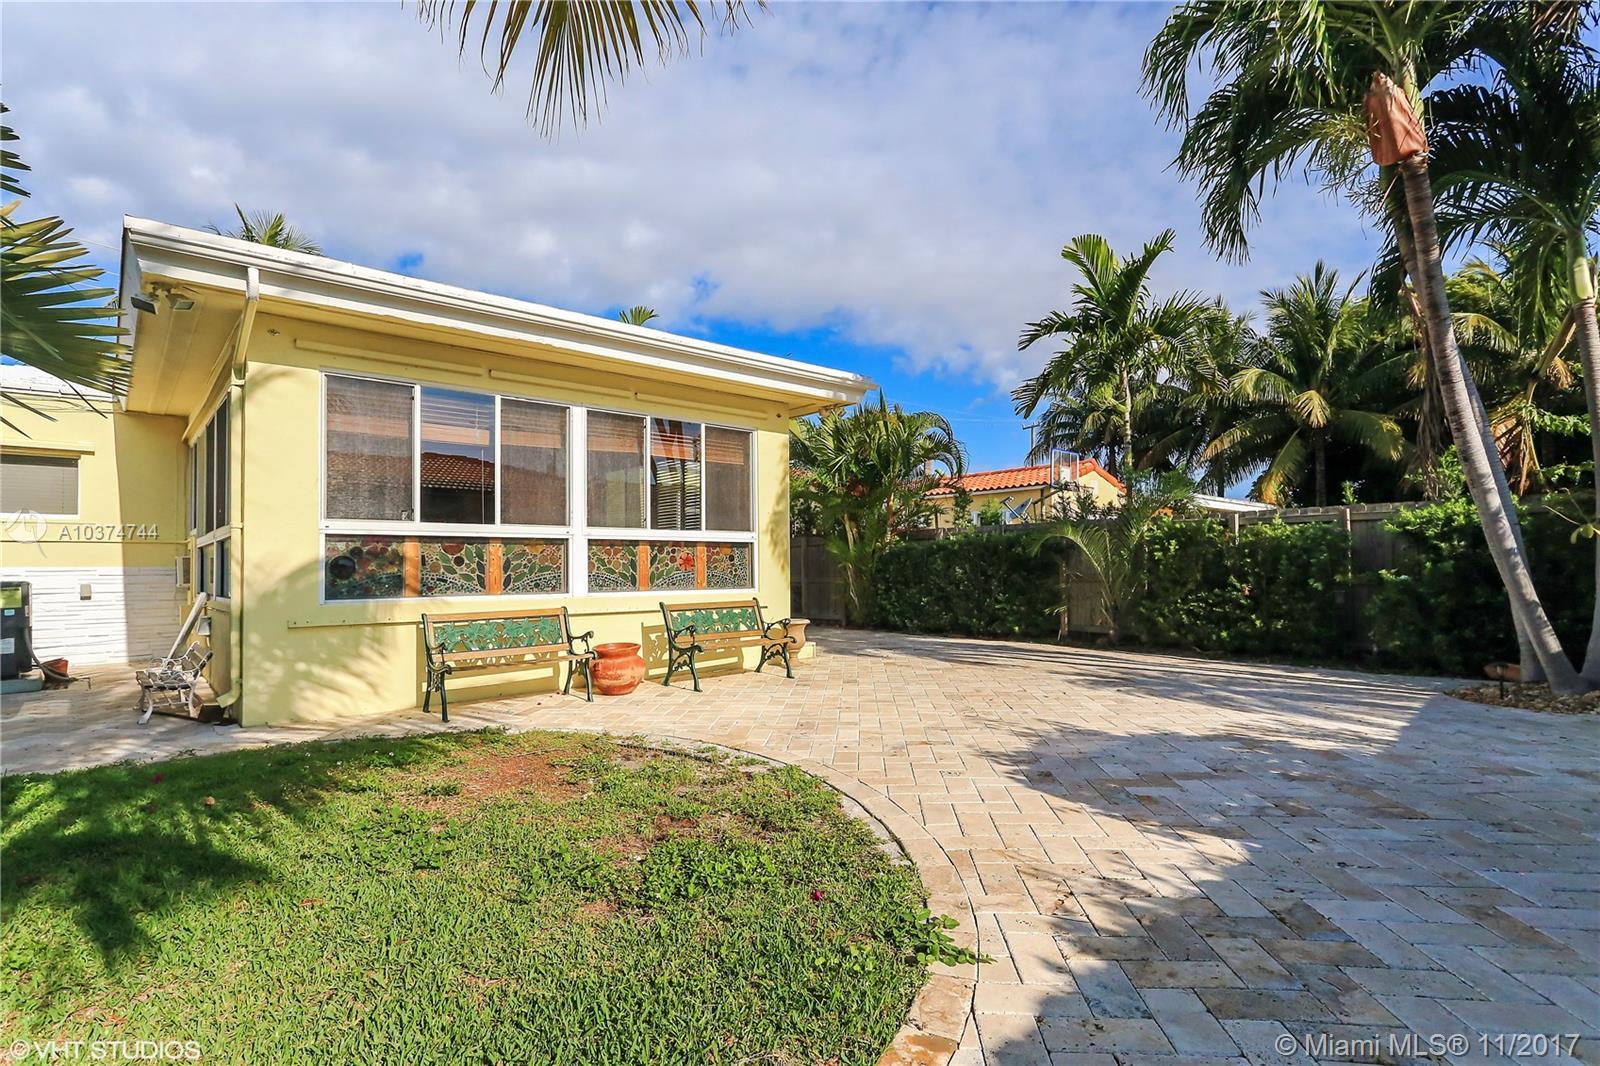 9157 Dickens Av, Surfside , FL 33154